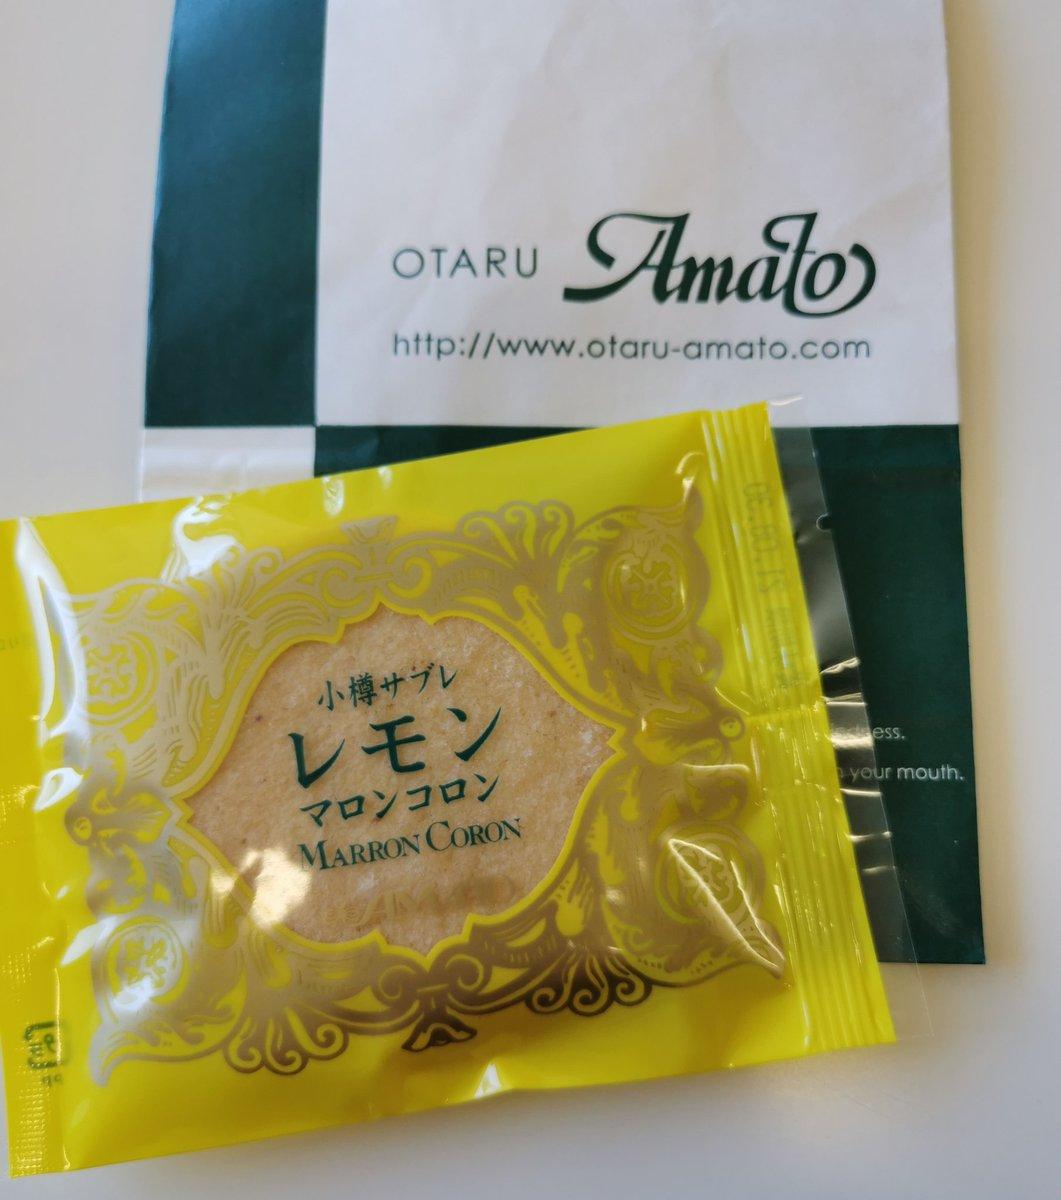 test ツイッターメディア - あまとうの『マロンコロン』 新発売のレモン味! 瀬戸内レモンを使用してます。さわやかな美味しさです! 通販でお取り寄せもできますよ。 #小樽 #小樽よいとこ https://t.co/ITmDgvKXqZ